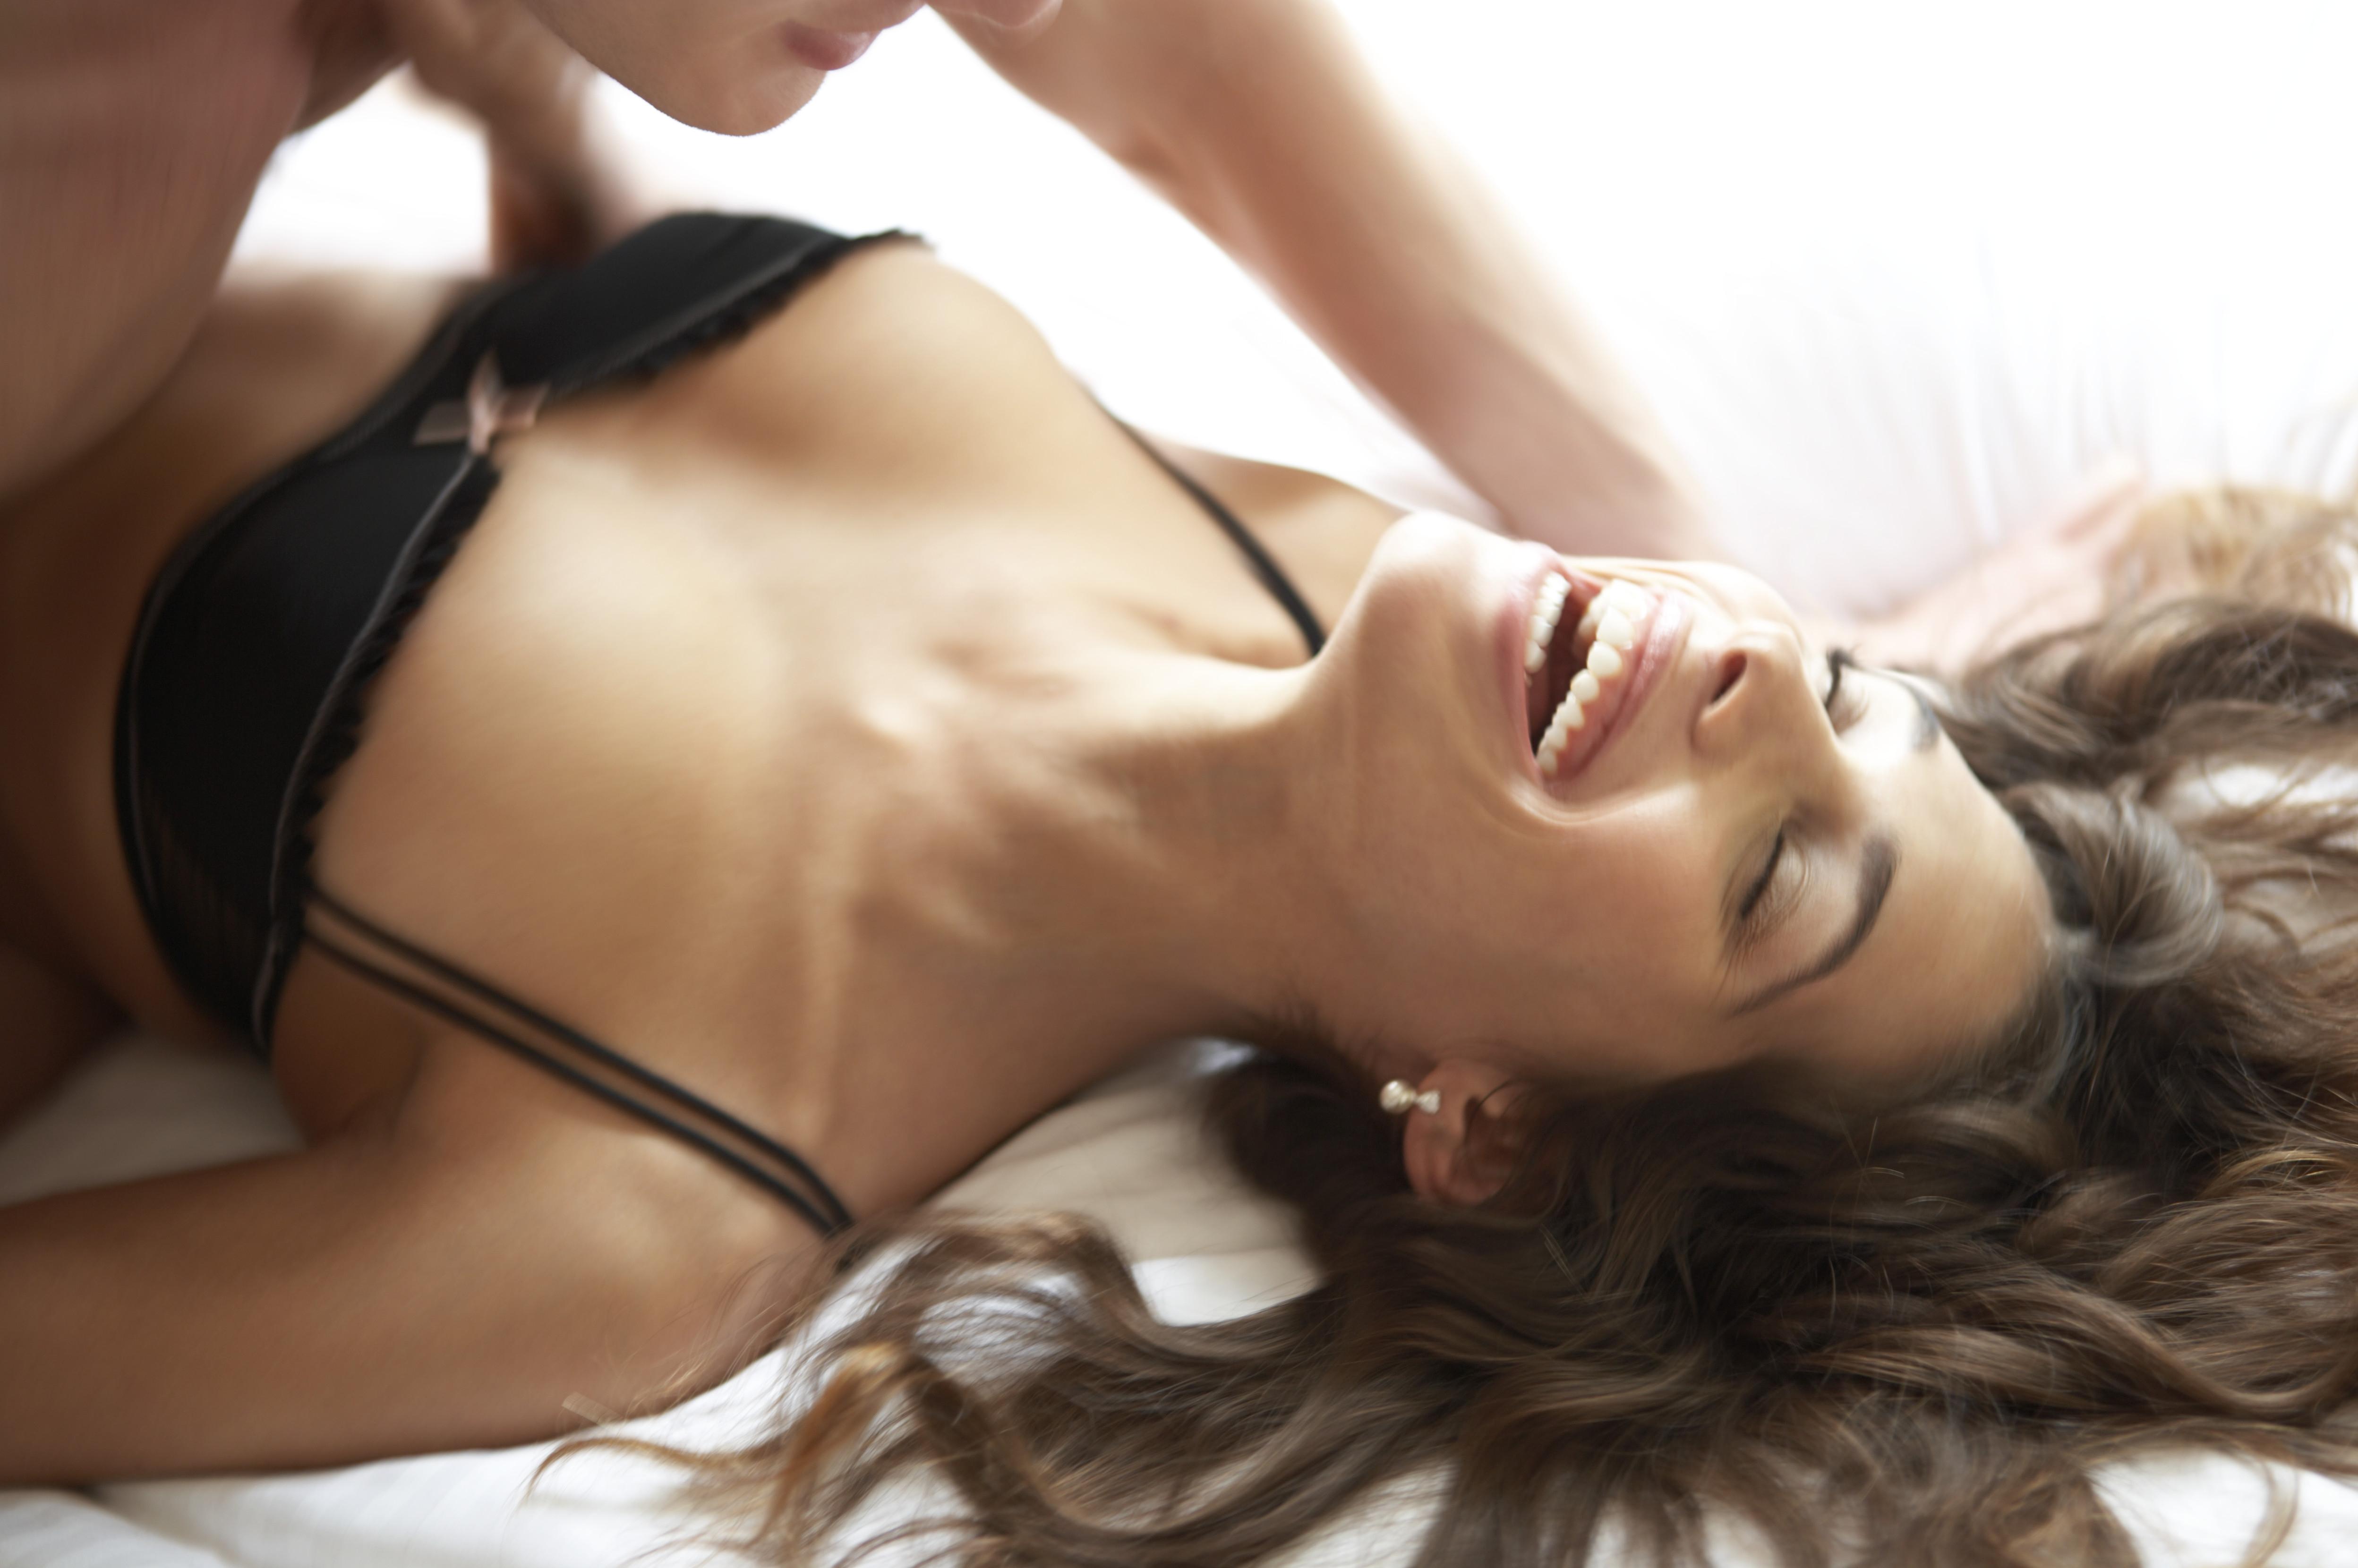 Типы женских оргазмов 4 фотография